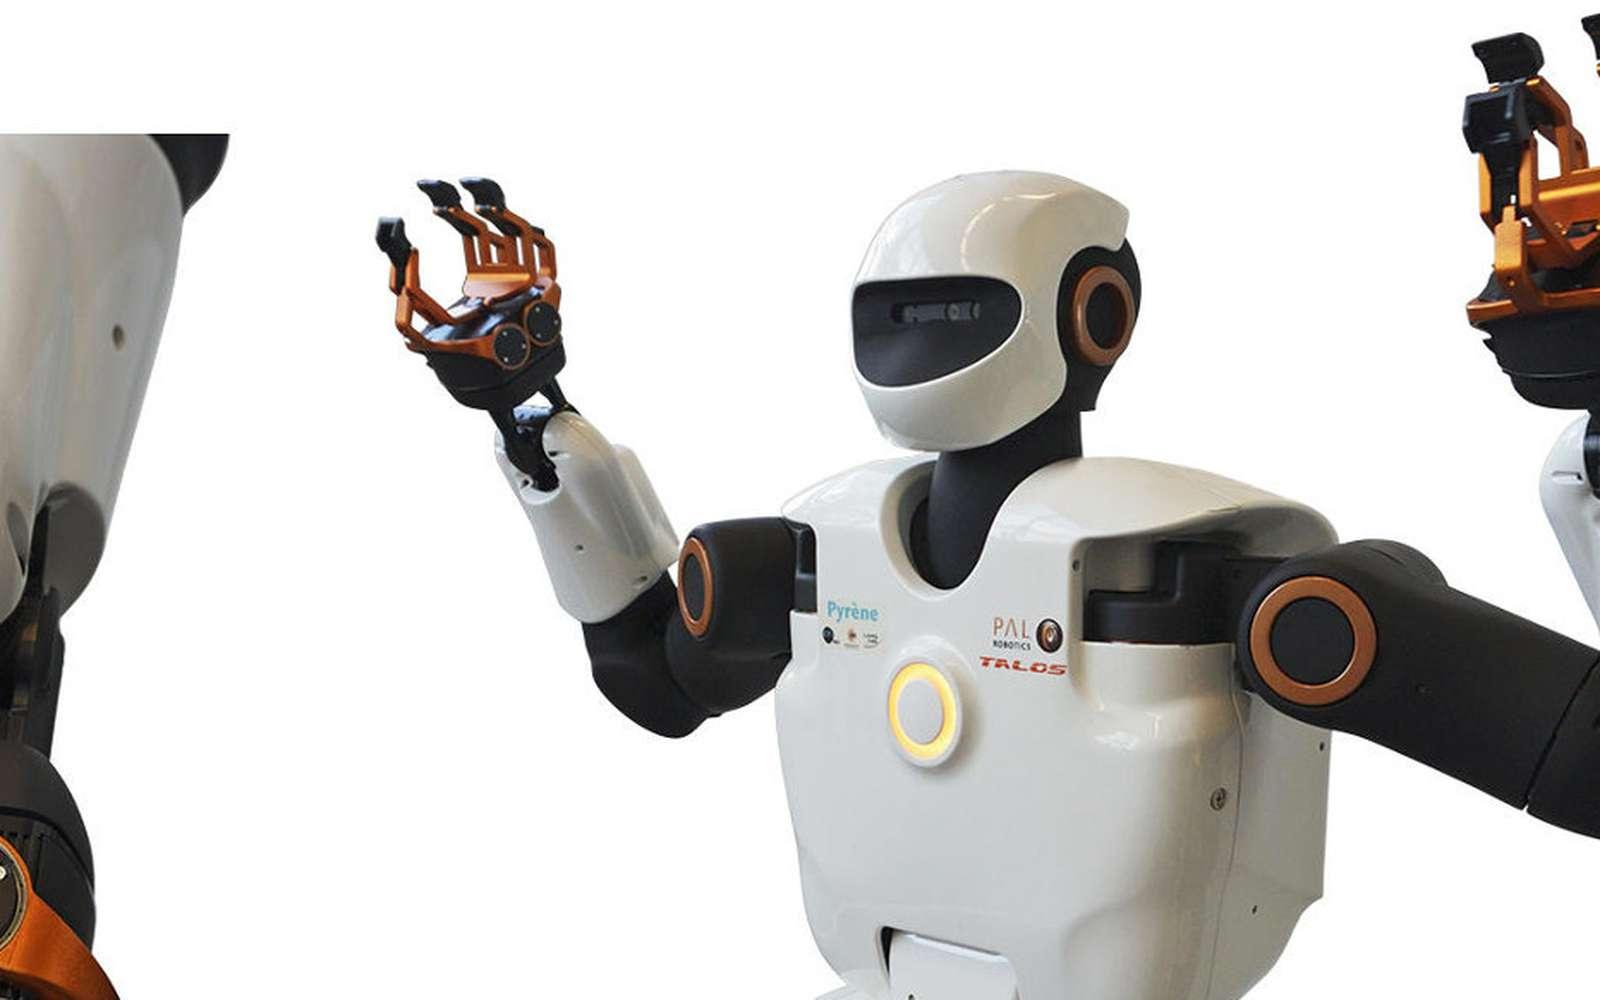 Le robot Pyrène est le fruit d'une collaboration entre le Laboratoire d'analyse et d'architecture des systèmes (LAAS) du CNRS et la société espagnole PAL Robotics. © Olivier Stasse/LAAS/CNRS